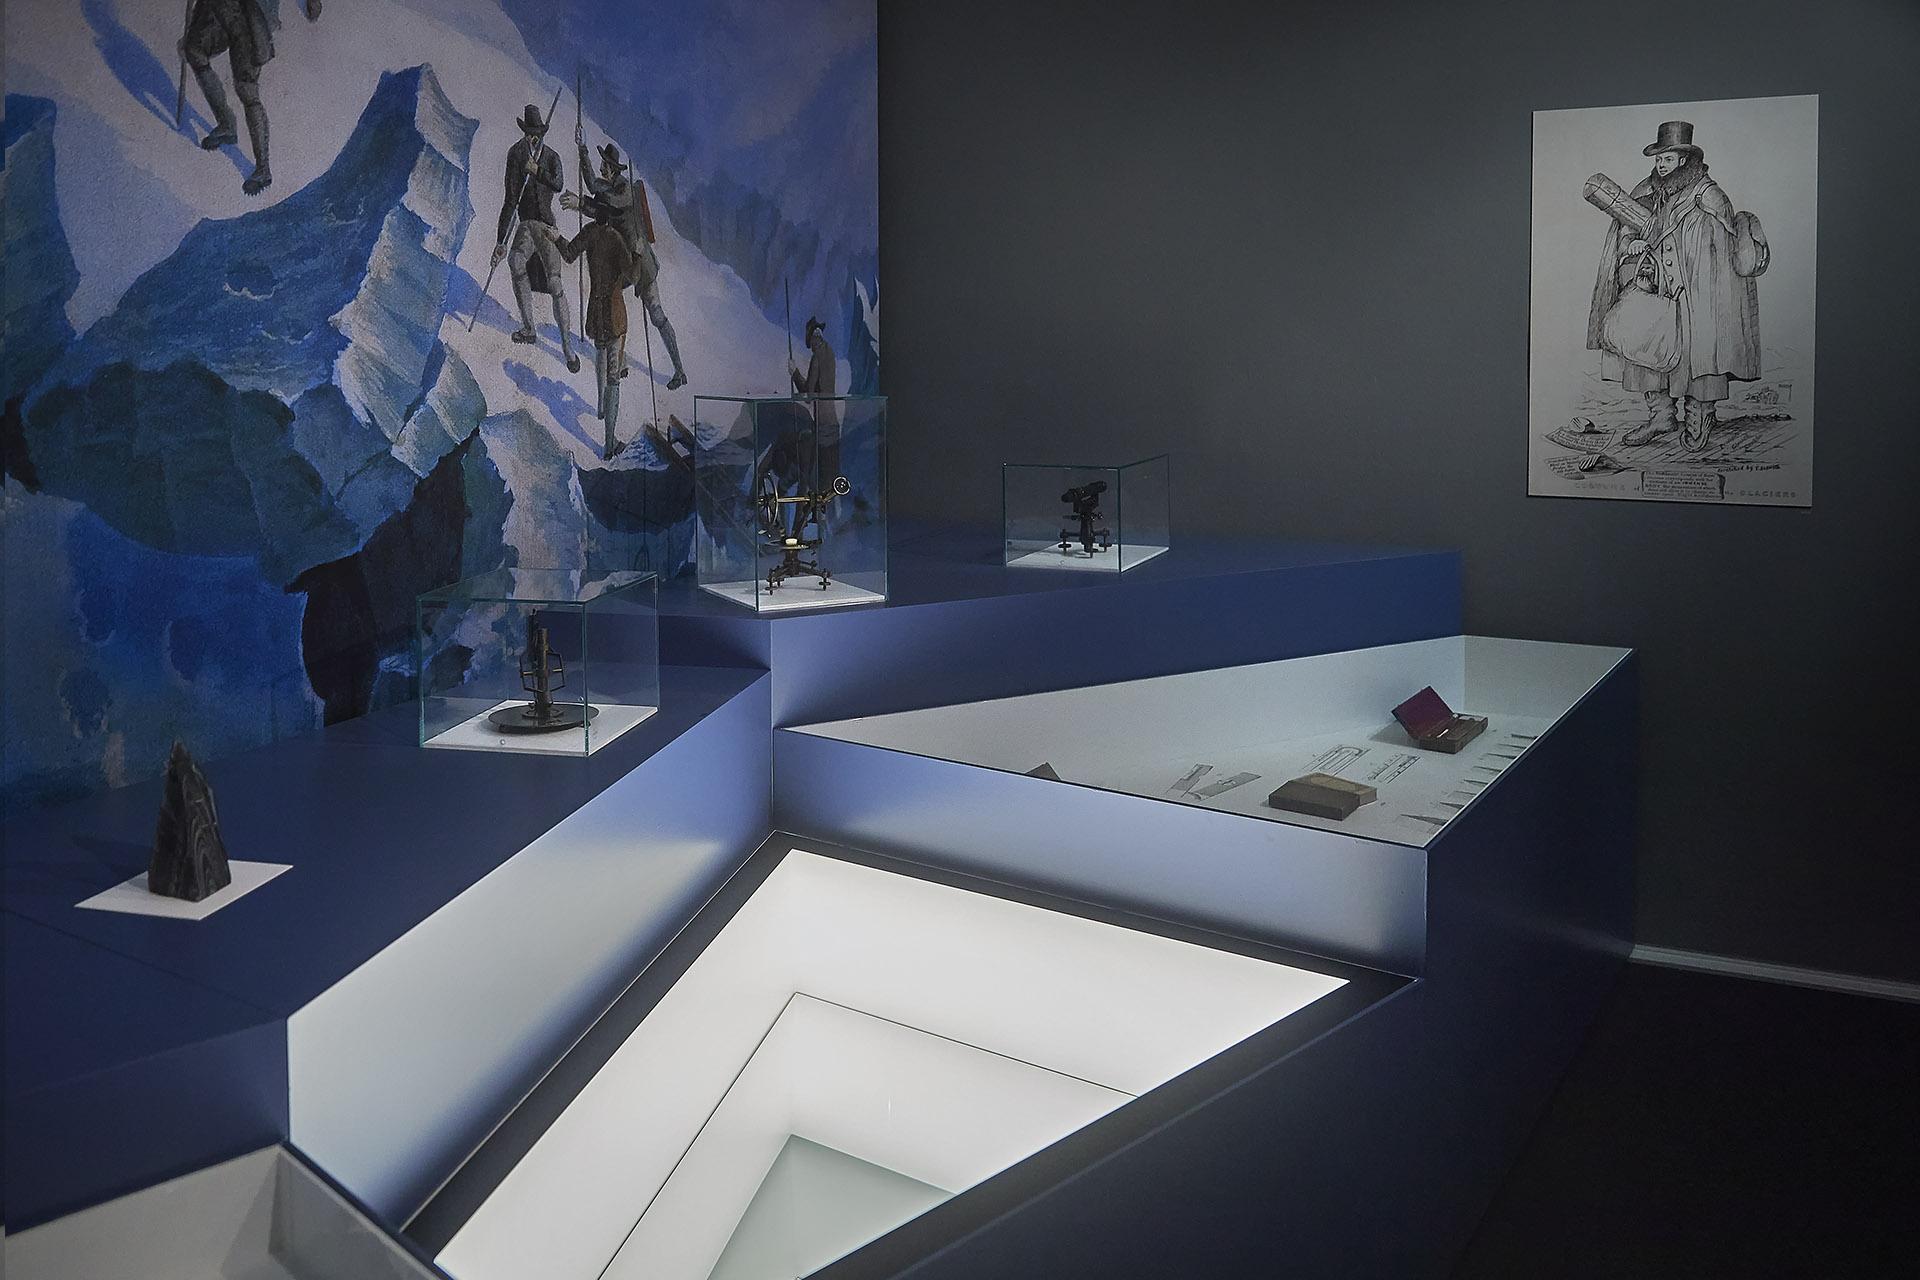 Raum 5, Im Steinbruch der Zeit, Formikat, Foto: Marco Warmuth